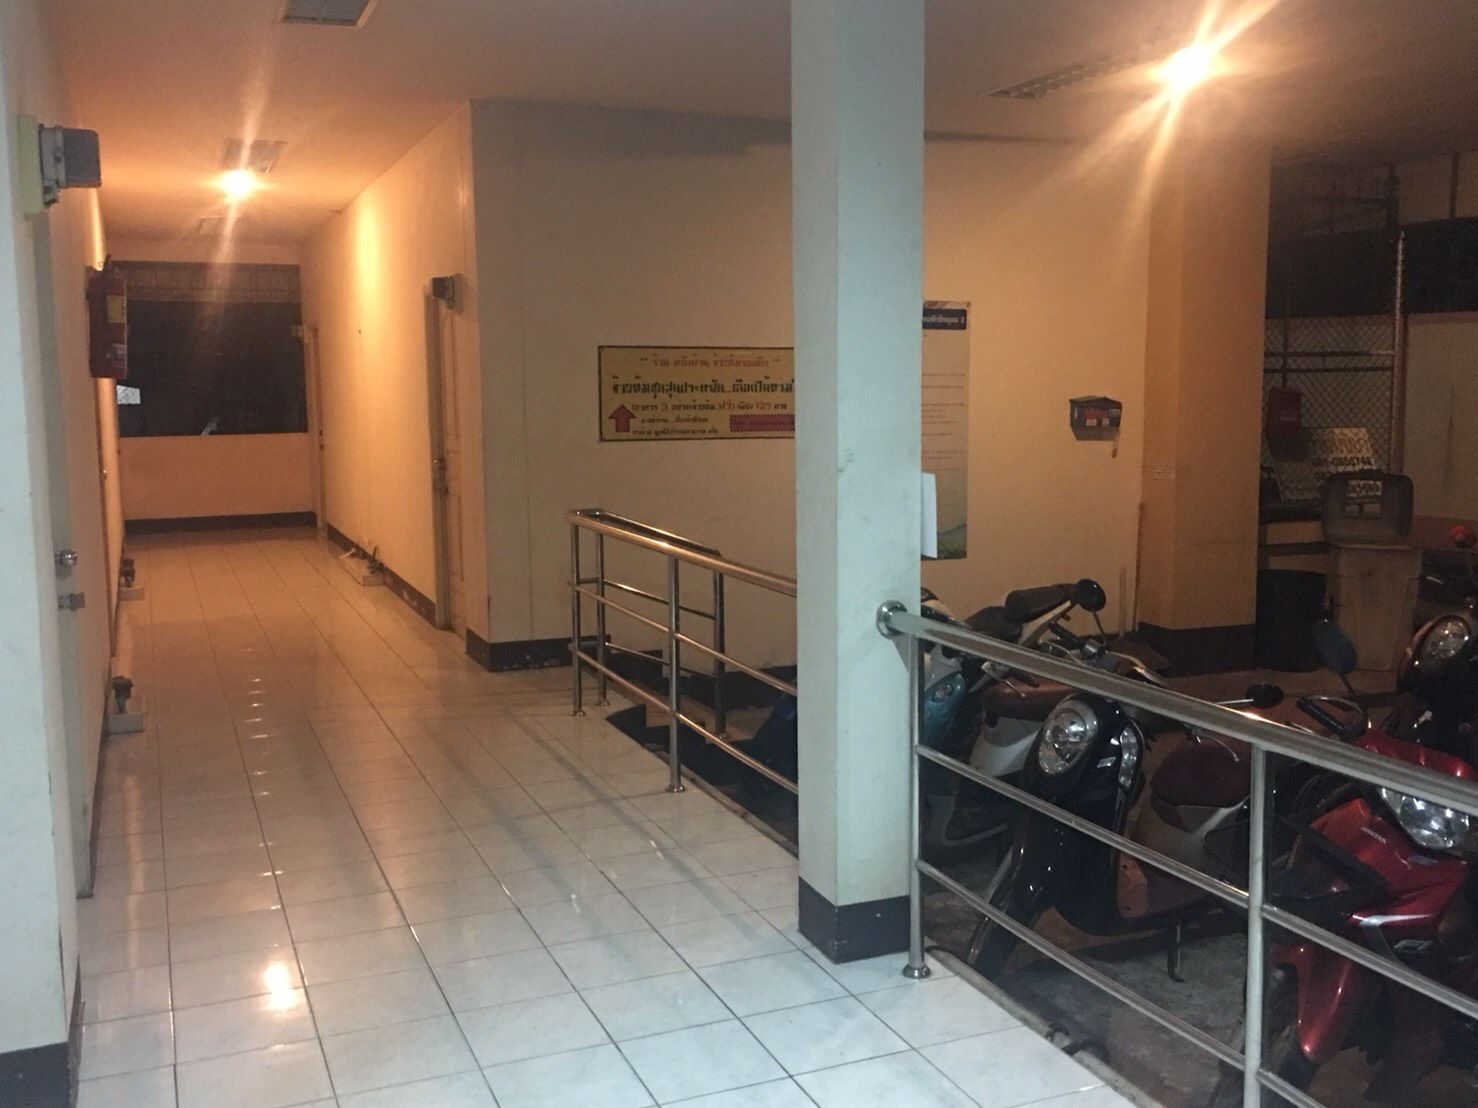 ขายหอพักใจกลางเมือง-บนเนื้อที่-164-ตรว-หมากแข้ง-เมืองอุดรธานี-โทร-0973065458